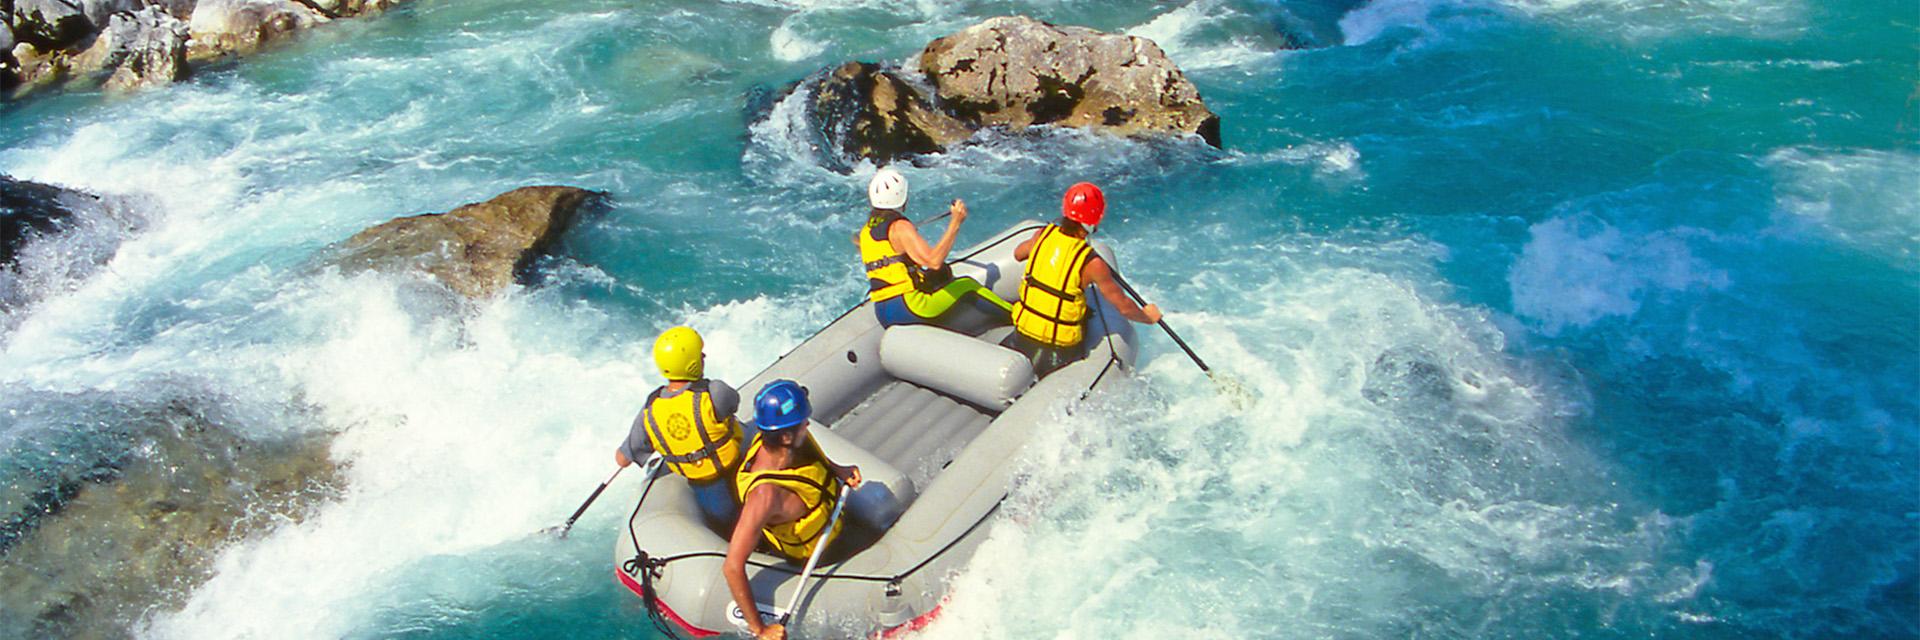 Village_club_vacances_alpes-de-haute-provence-azue-et-neige-lac-sport-rafting